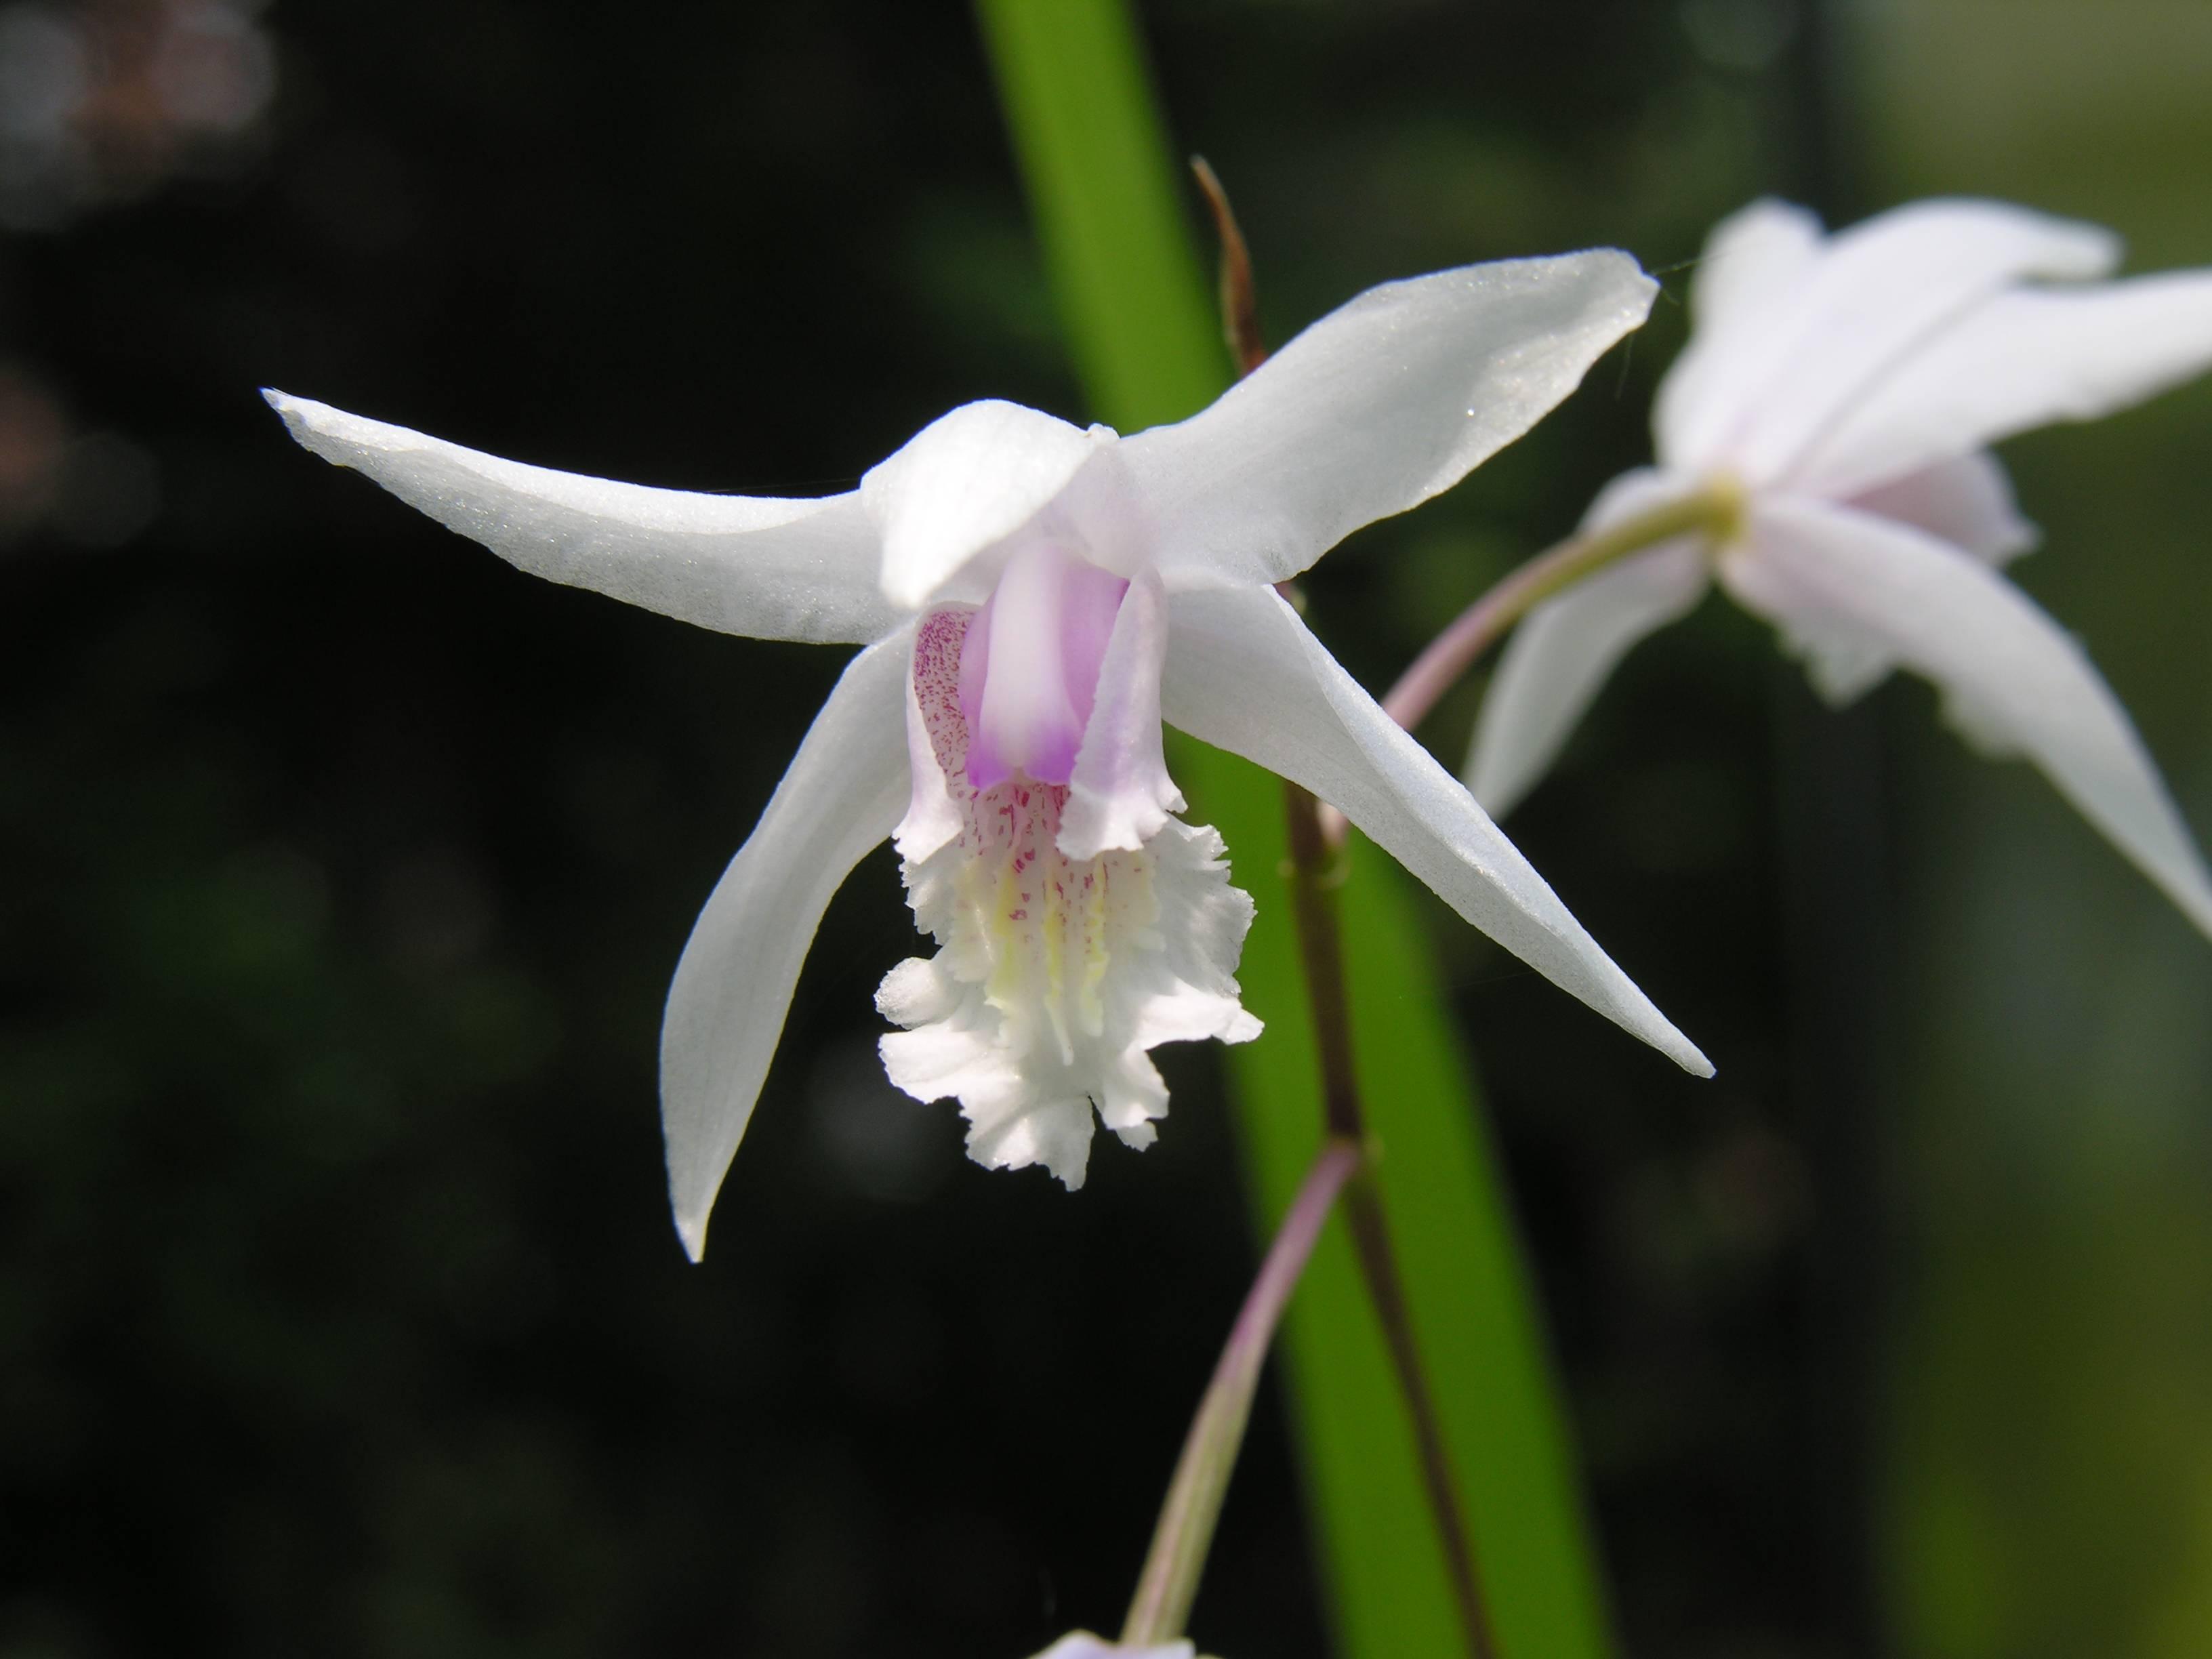 Albiflora White Flower Species Unknown Albiflora Is A